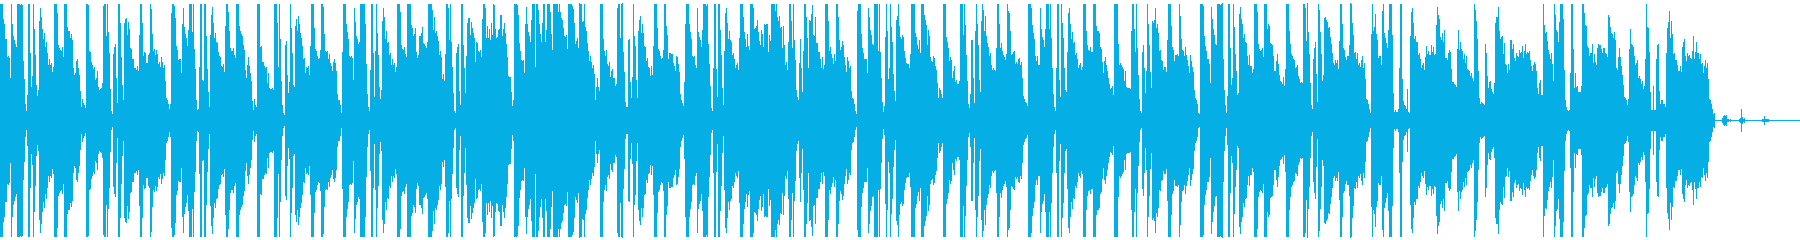 オシャレなローファイサウンドの再生済みの波形